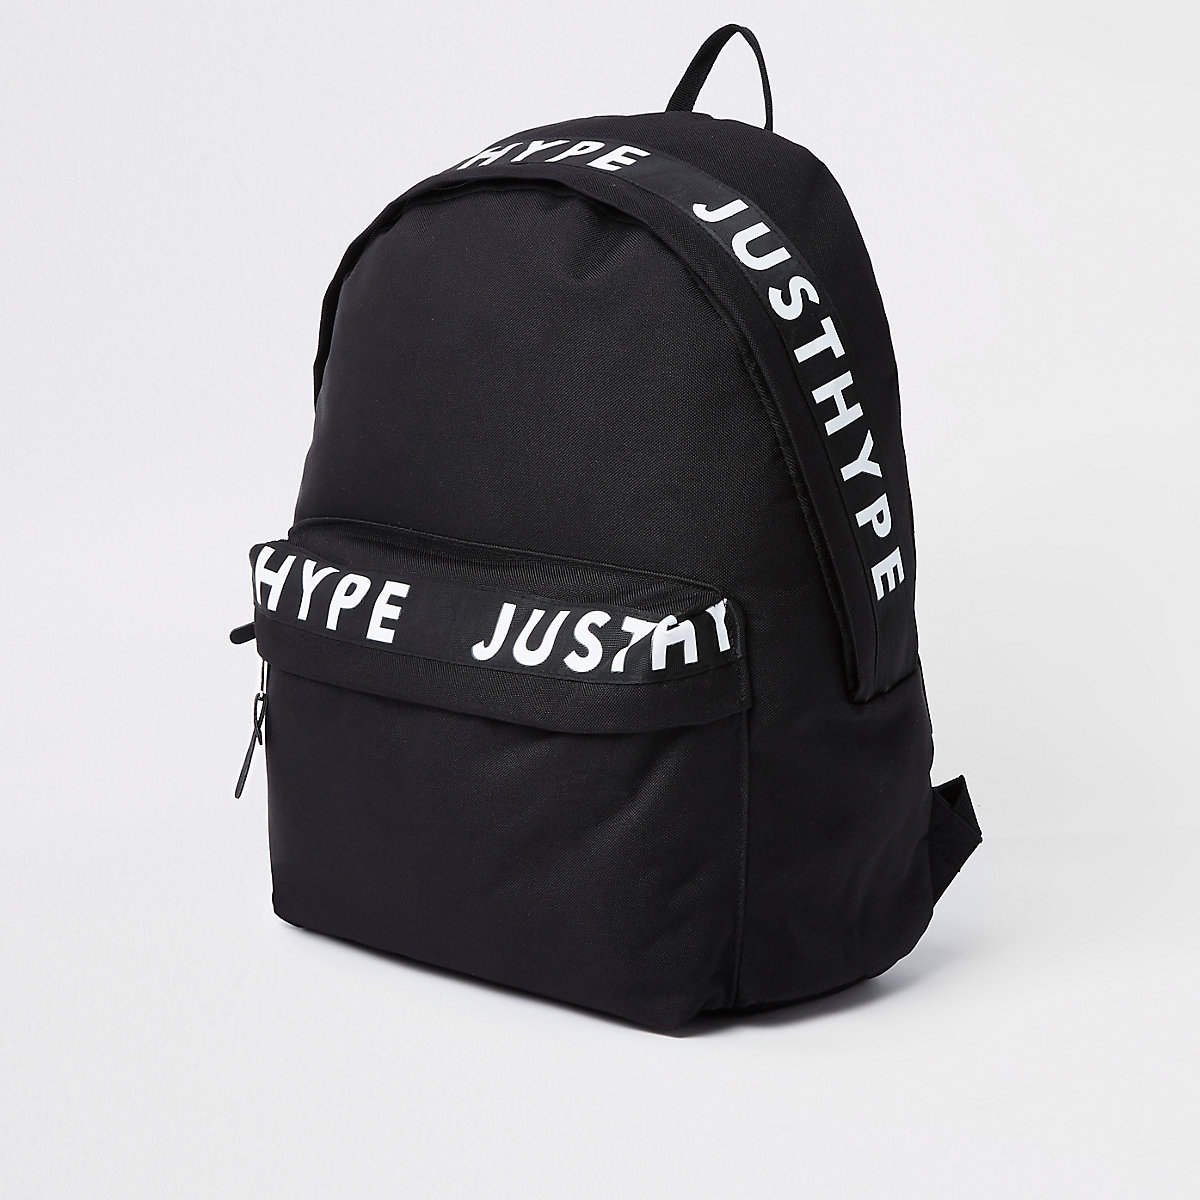 Hype black  just hype  tape backpack - Backpacks   Rucksacks - Bags ... 0e336ec28dc22